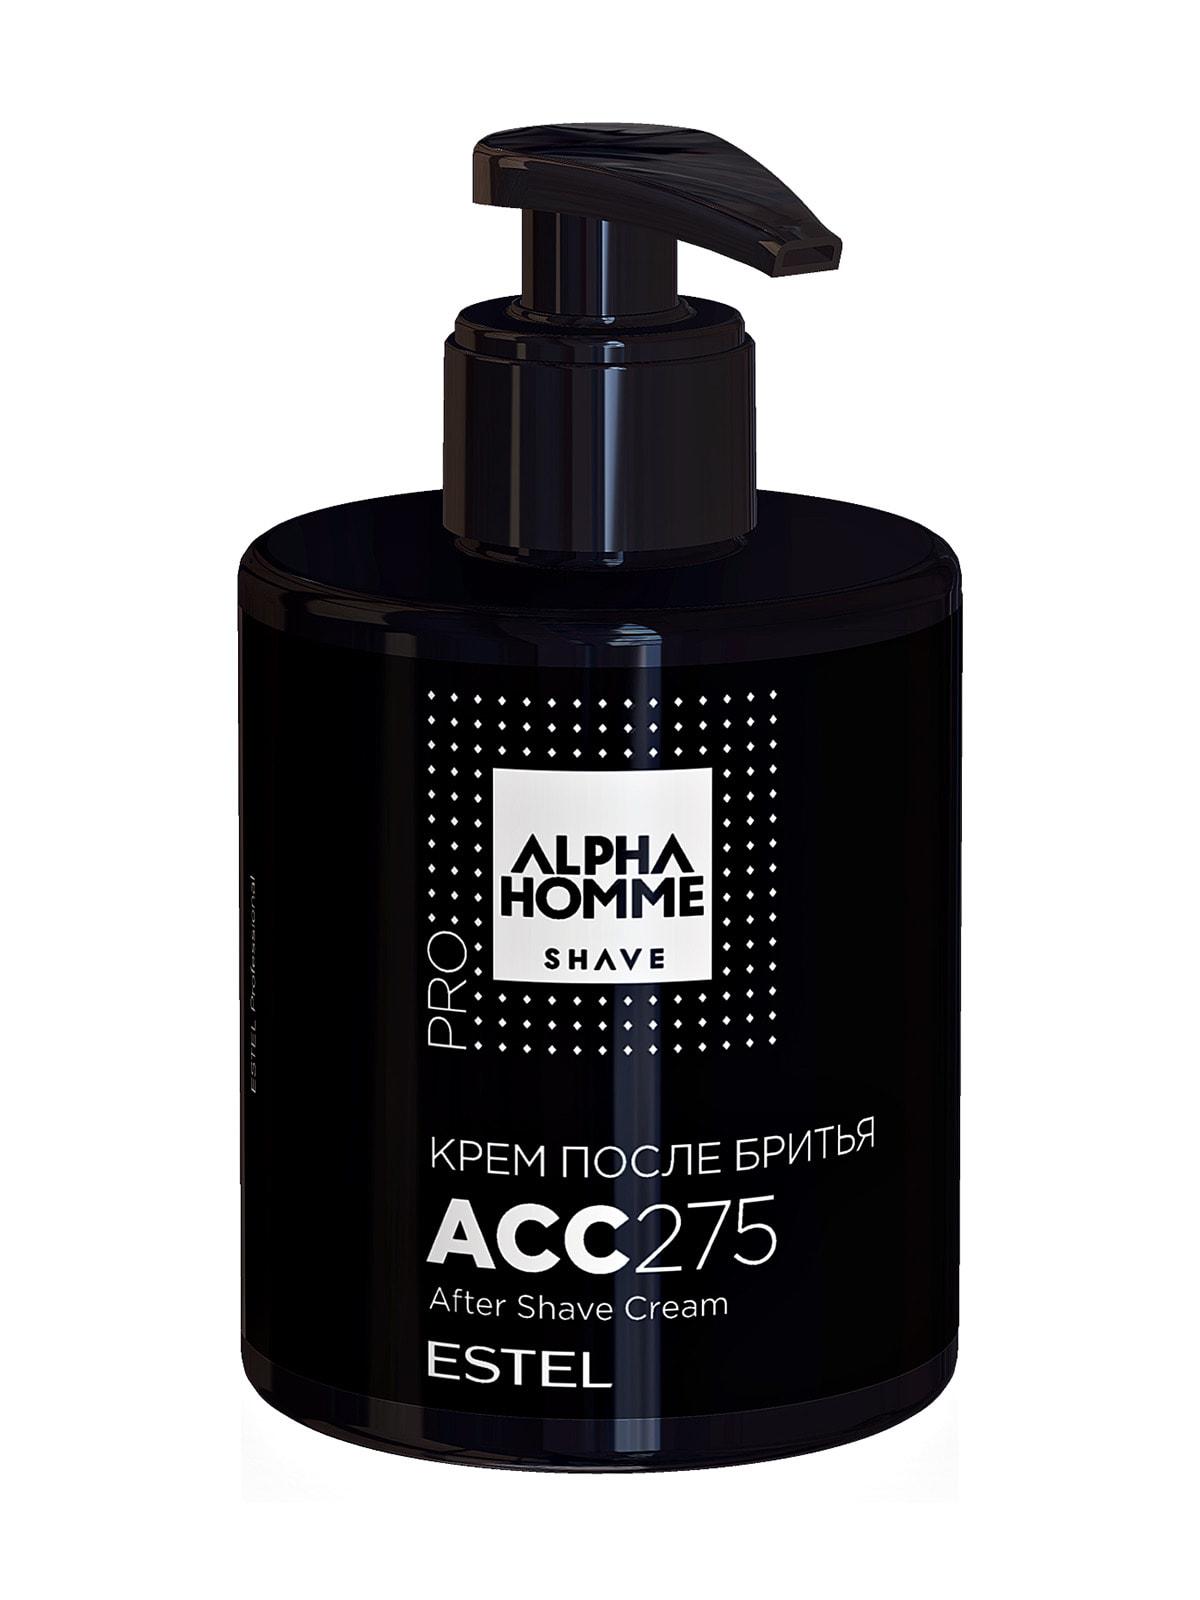 Крем после бритья Alpha Homme Pro (275 мл) | 4693942